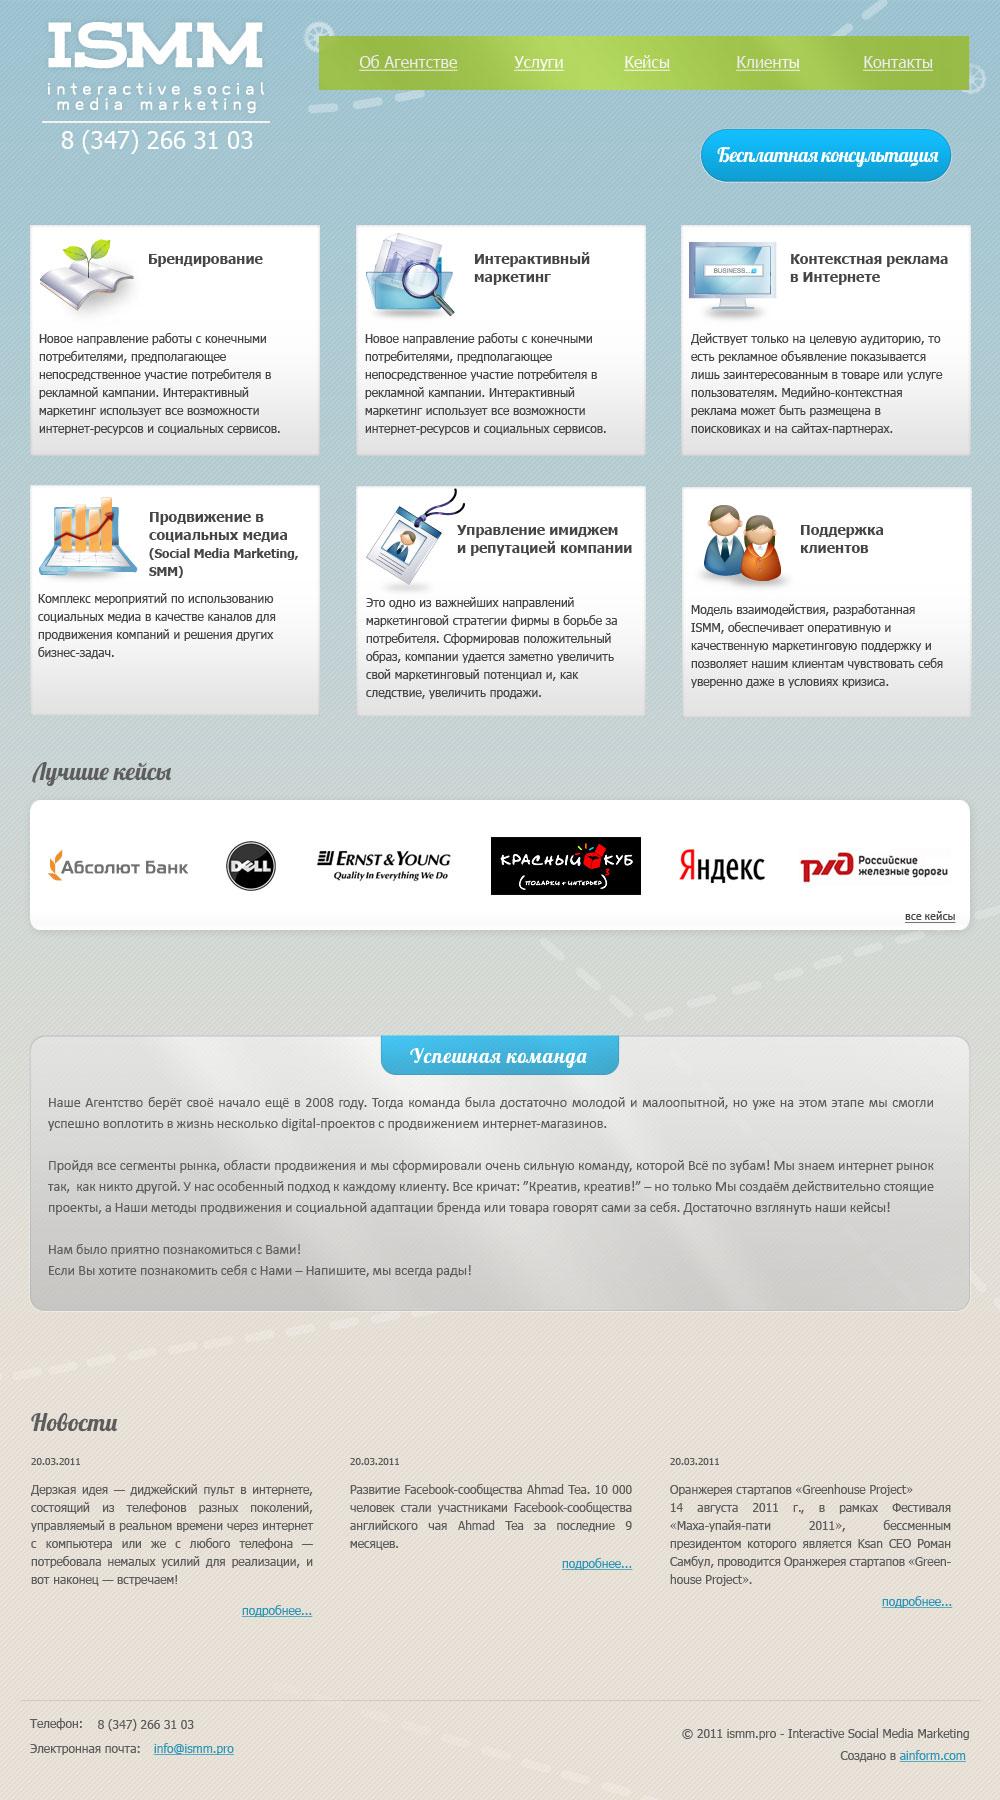 ISMM - Interactive Social Media Marketing